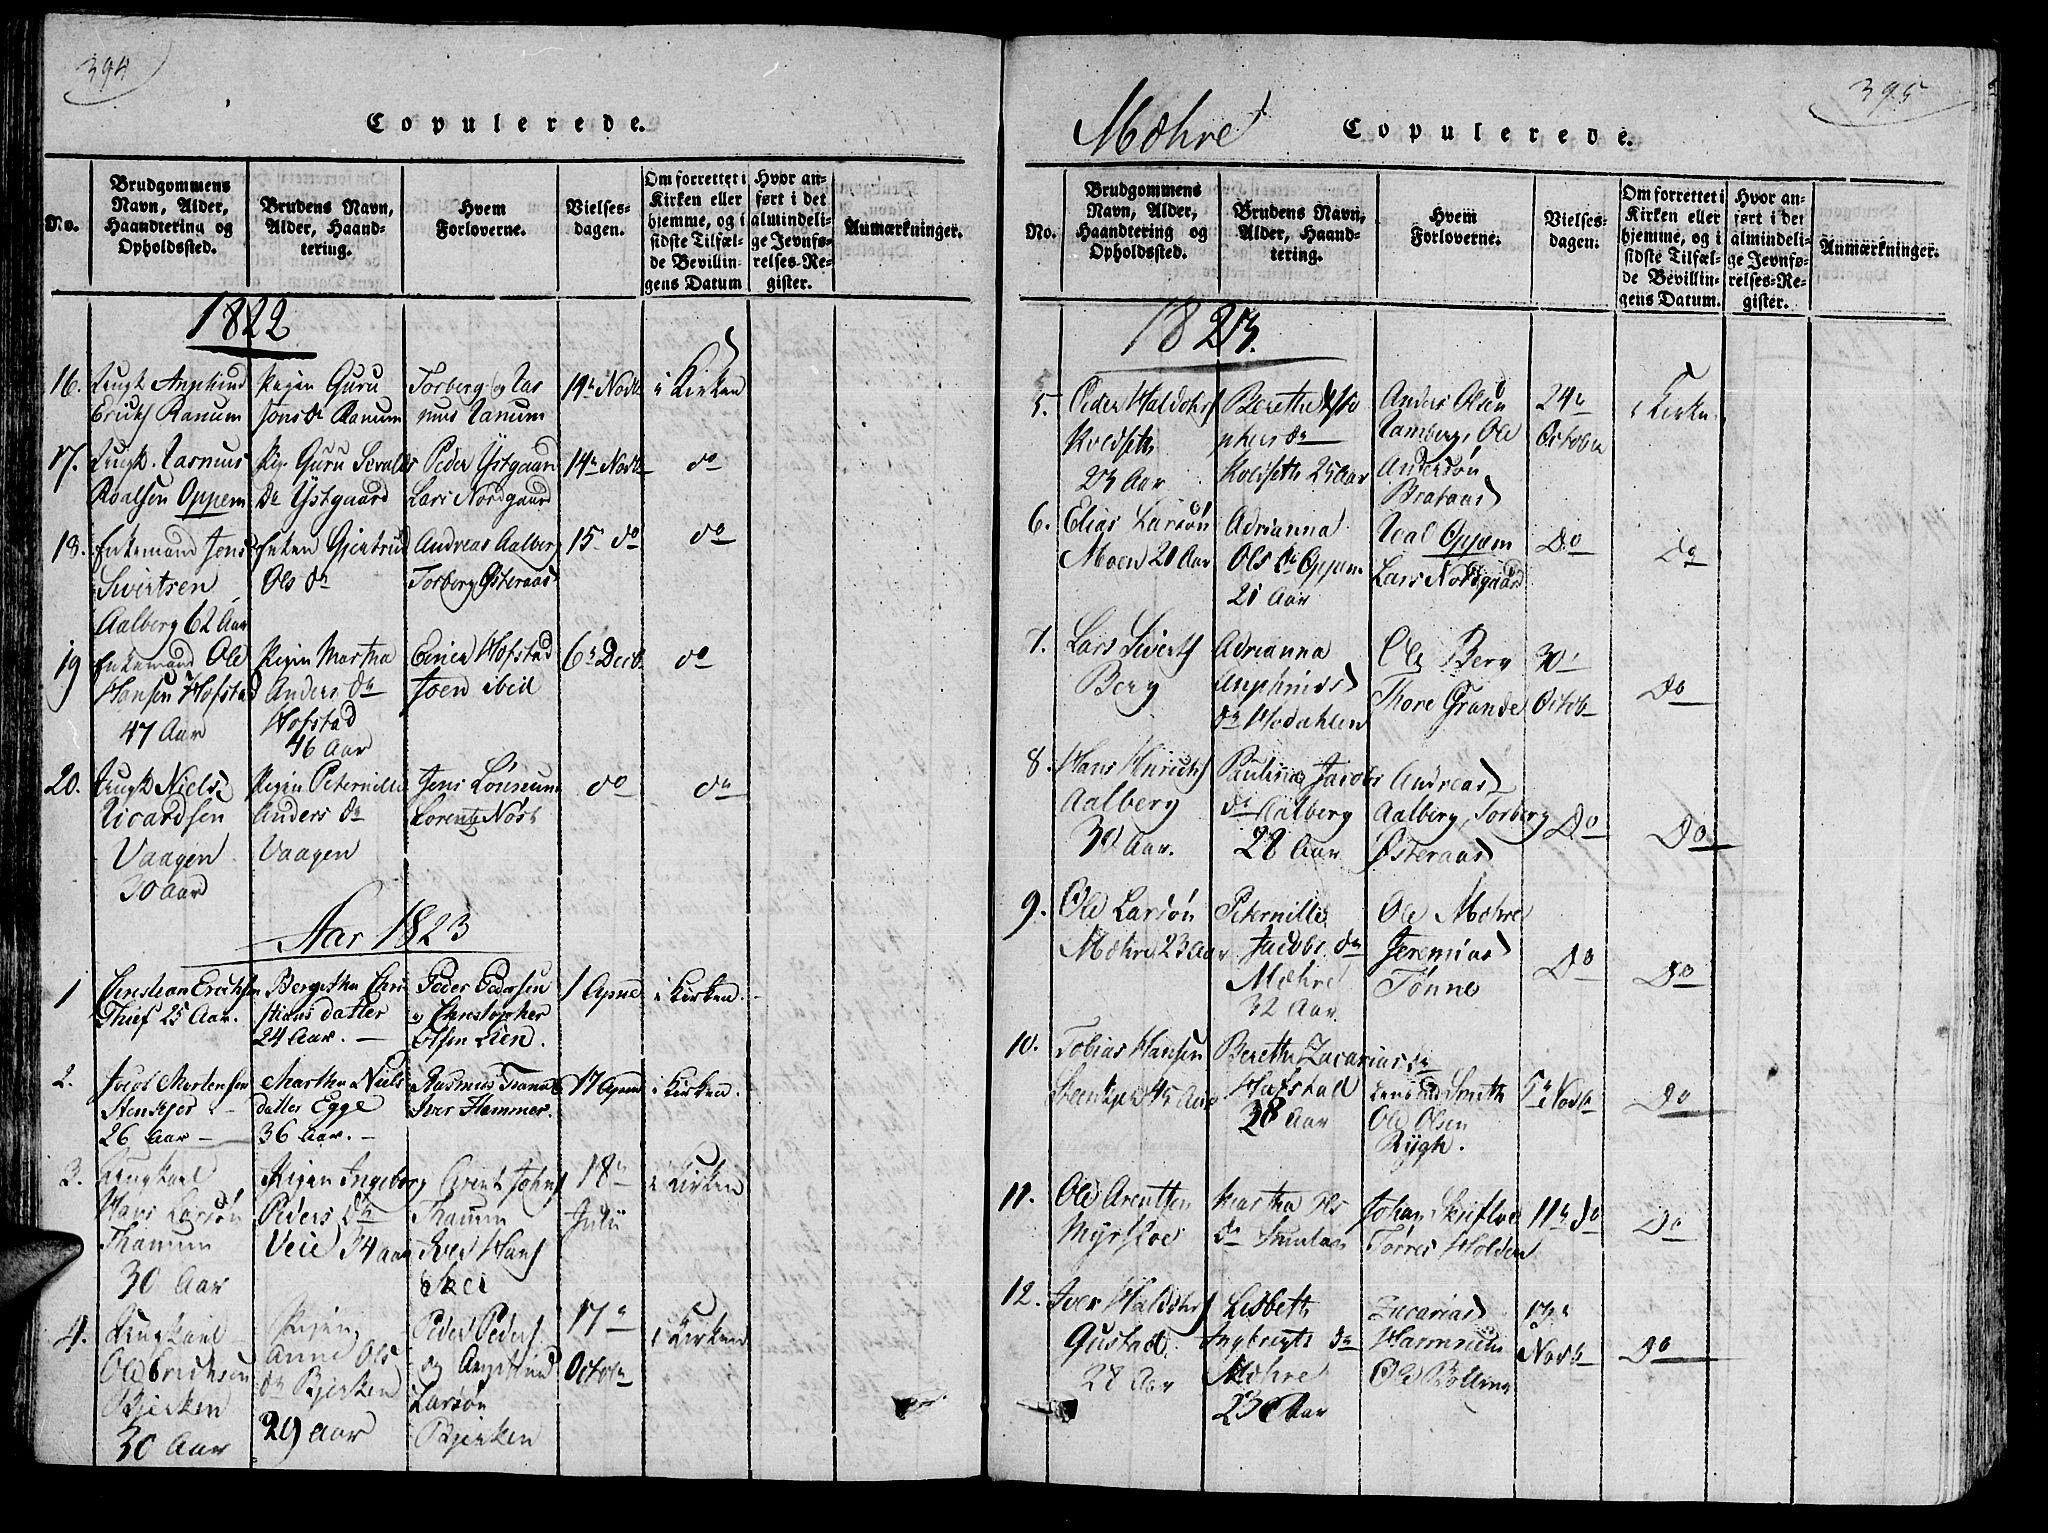 SAT, Ministerialprotokoller, klokkerbøker og fødselsregistre - Nord-Trøndelag, 735/L0333: Ministerialbok nr. 735A04 /1, 1816-1824, s. 394-395